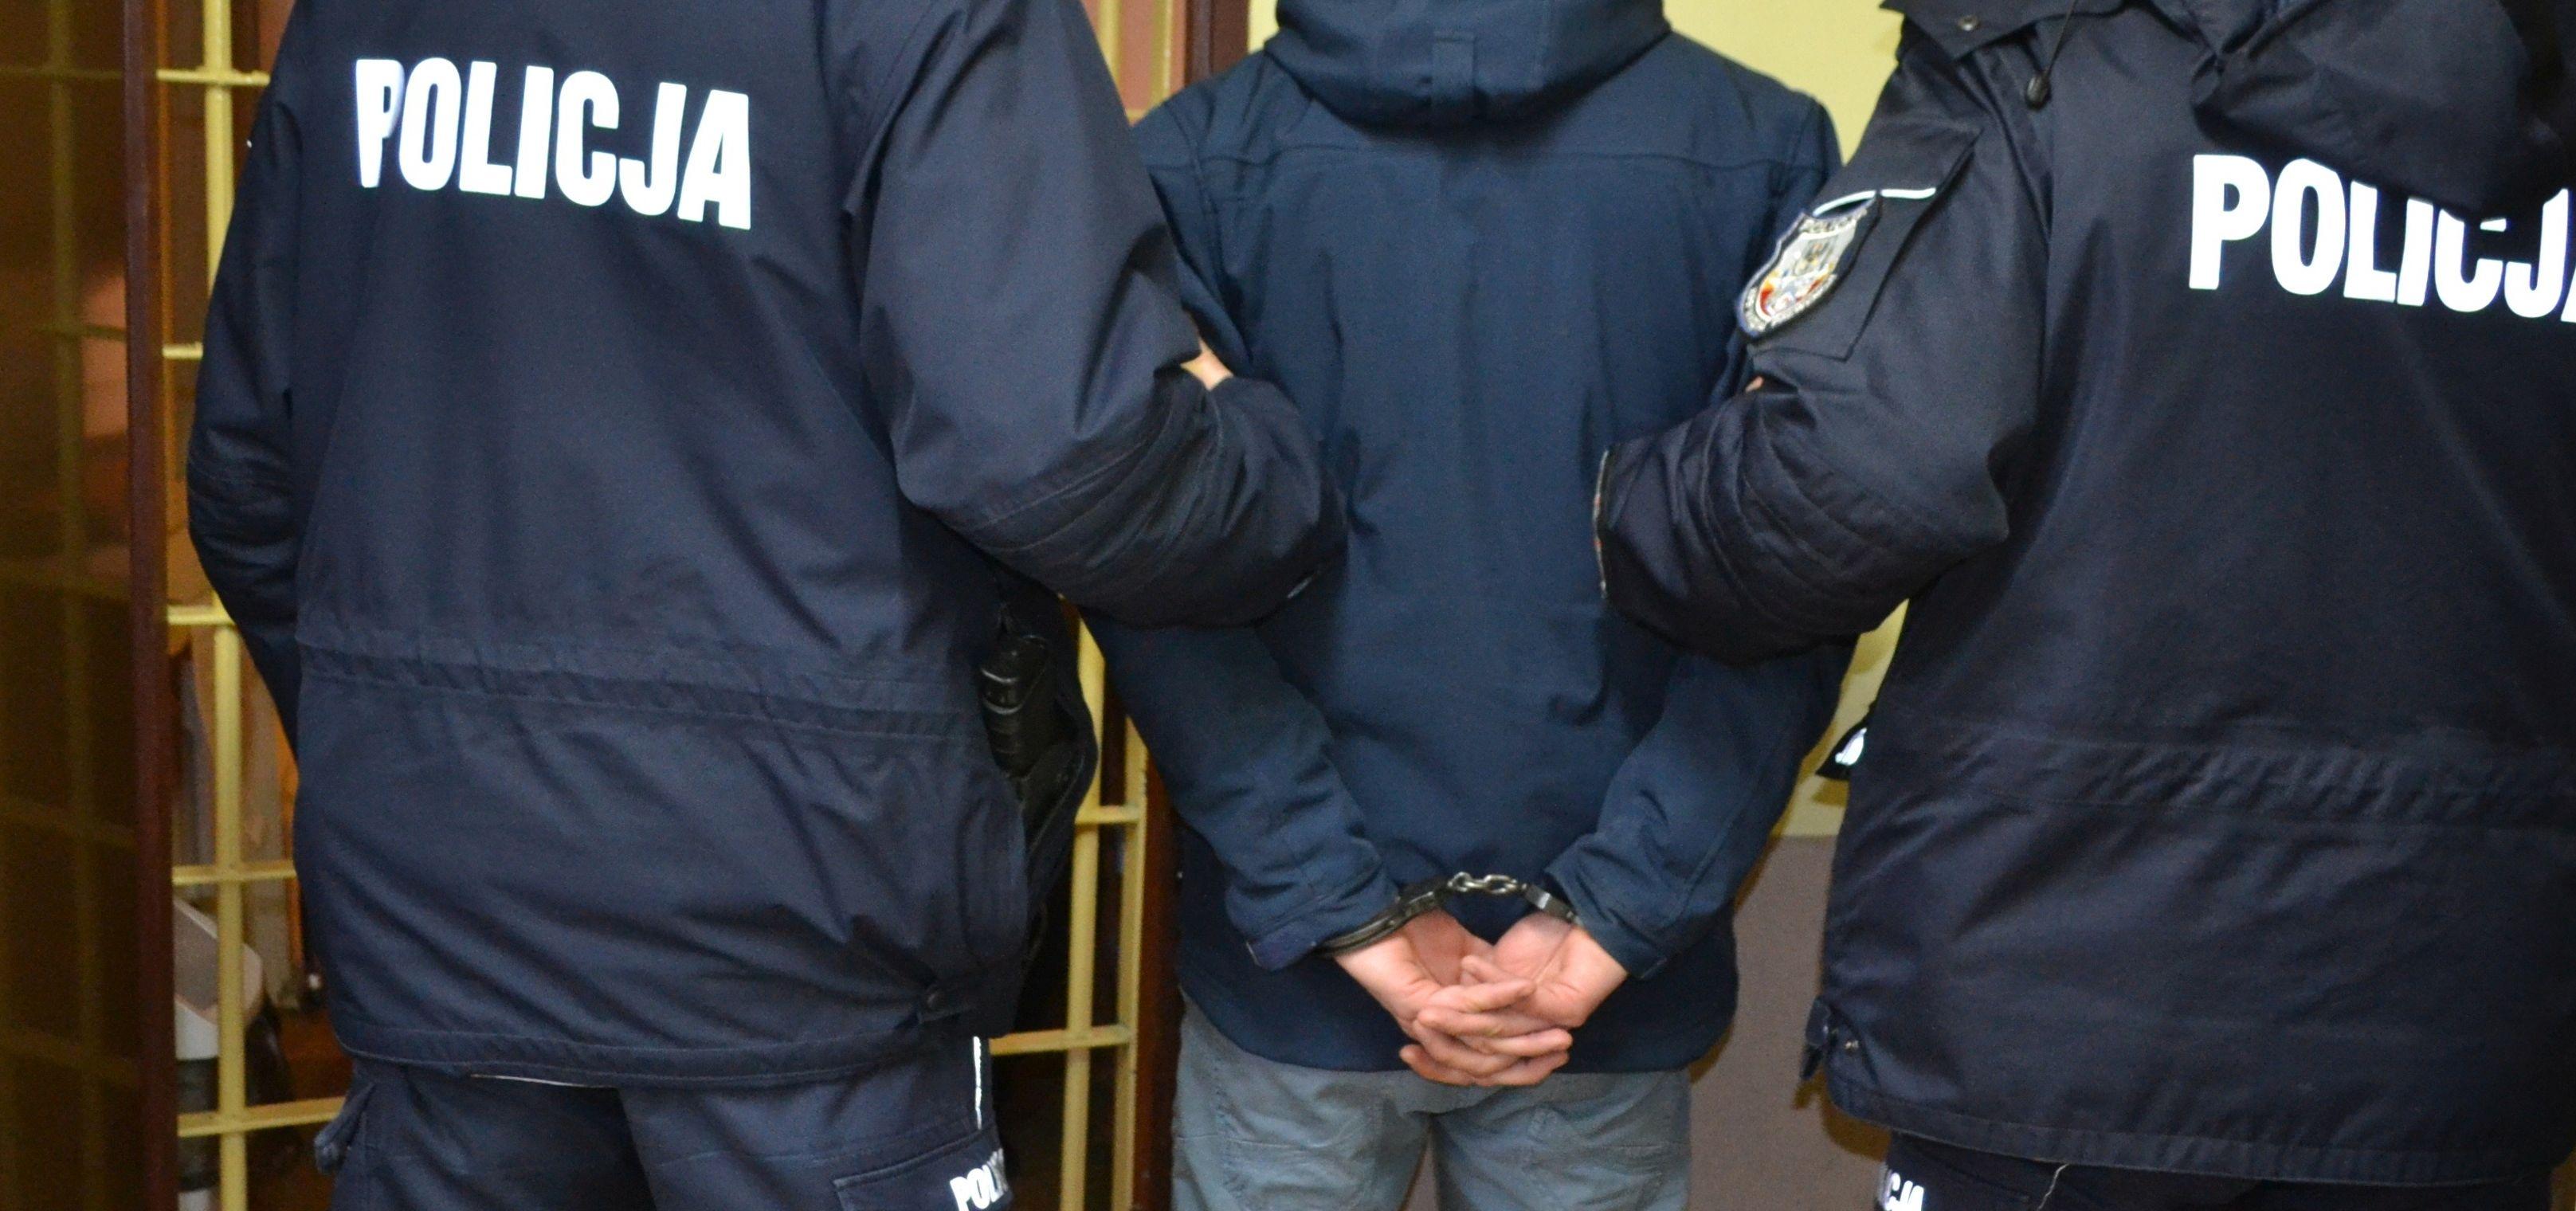 Zatrzymani za posiadanie narkotyków, jeden był poszukiwany przez angielską policję